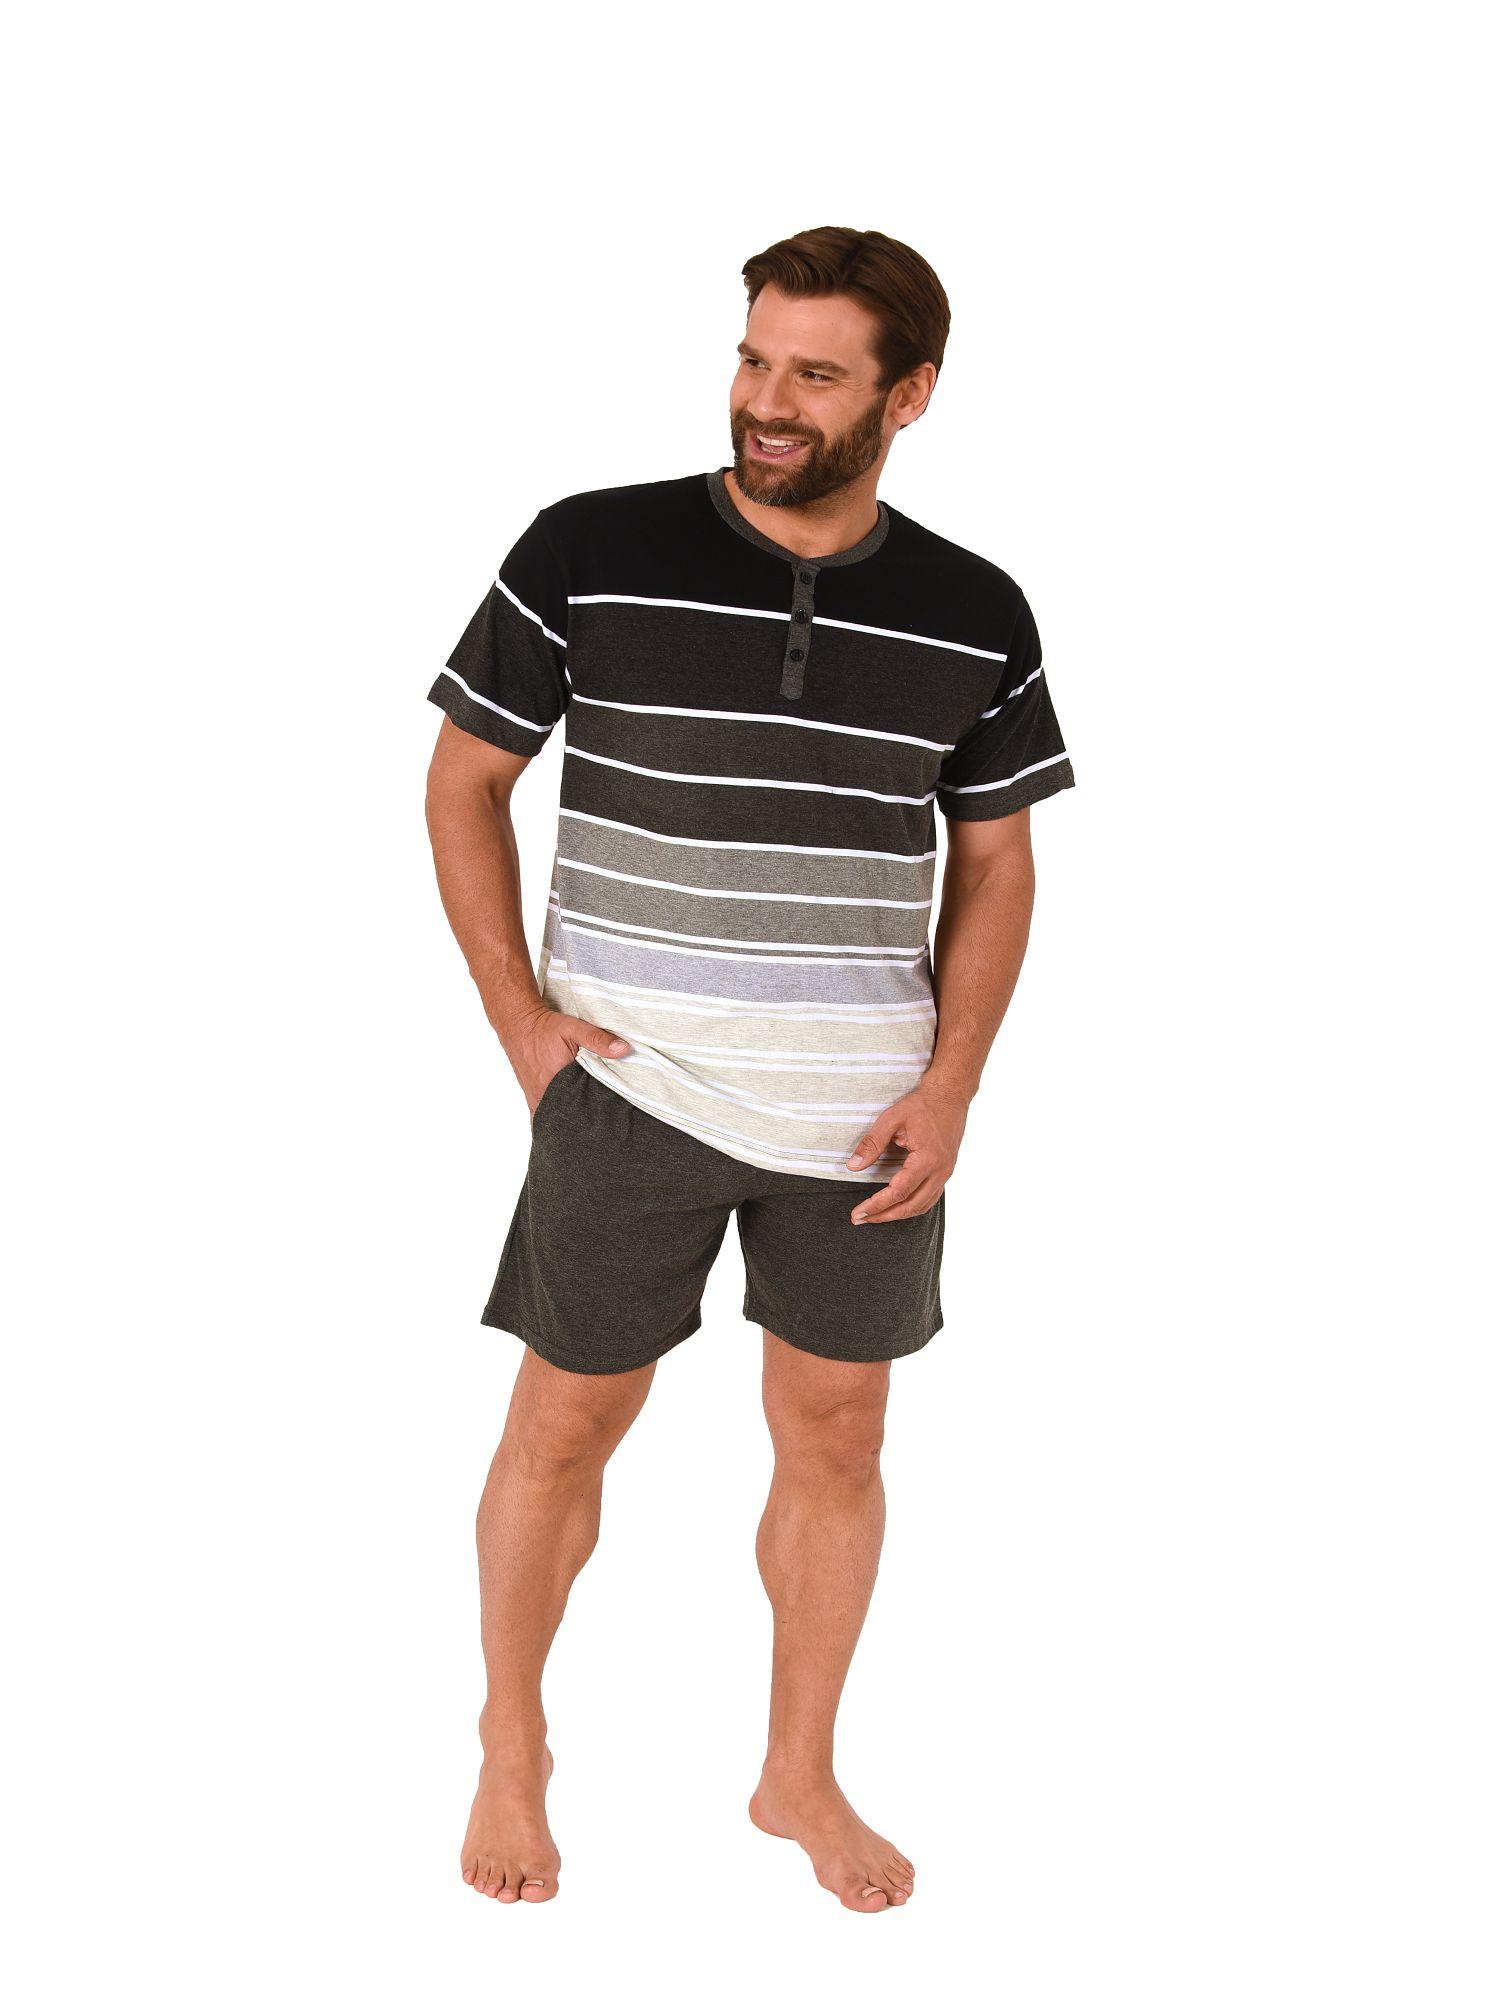 Lässiger Herren Shortie Pyjama kurzarm Schlafanzug in Streifenoptik – 181 105 190 002